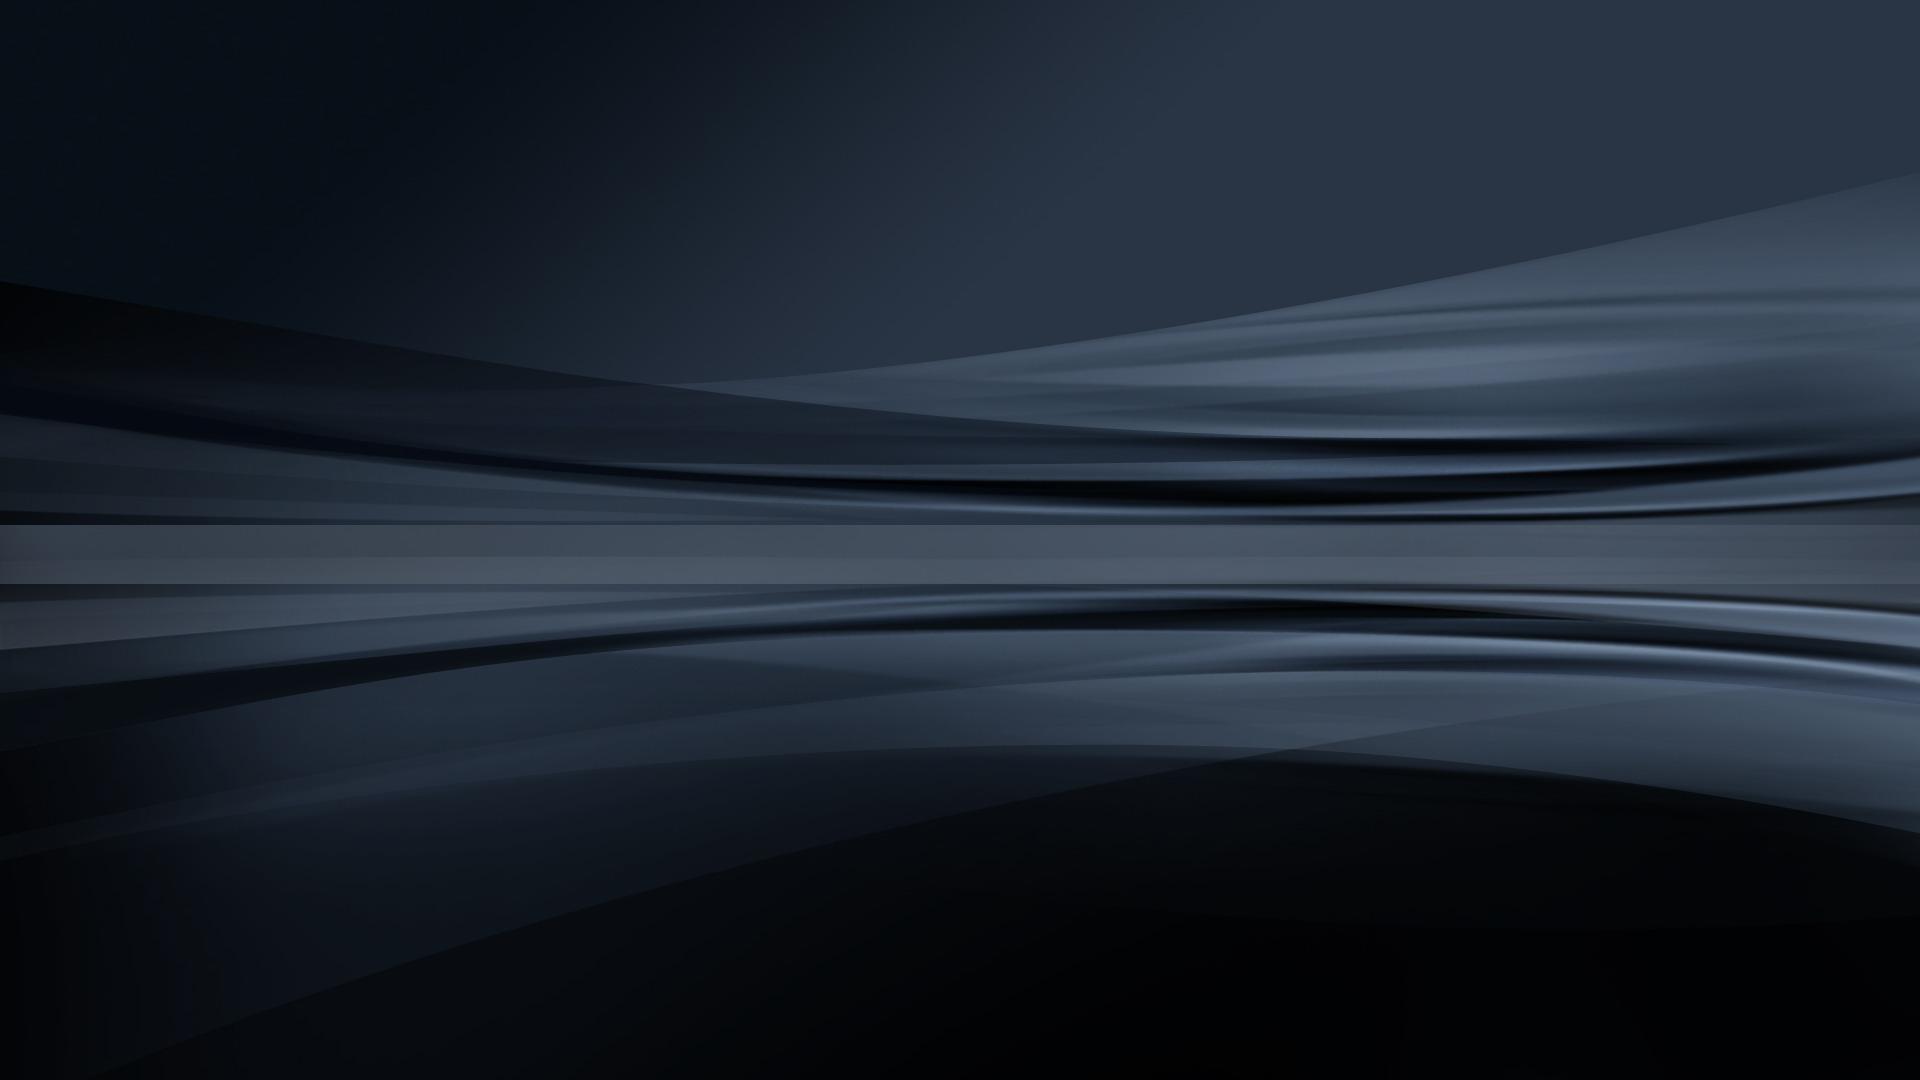 ブラックシンプルな抽象的な線 デザイン壁紙プレビュー 10wallpaper Com